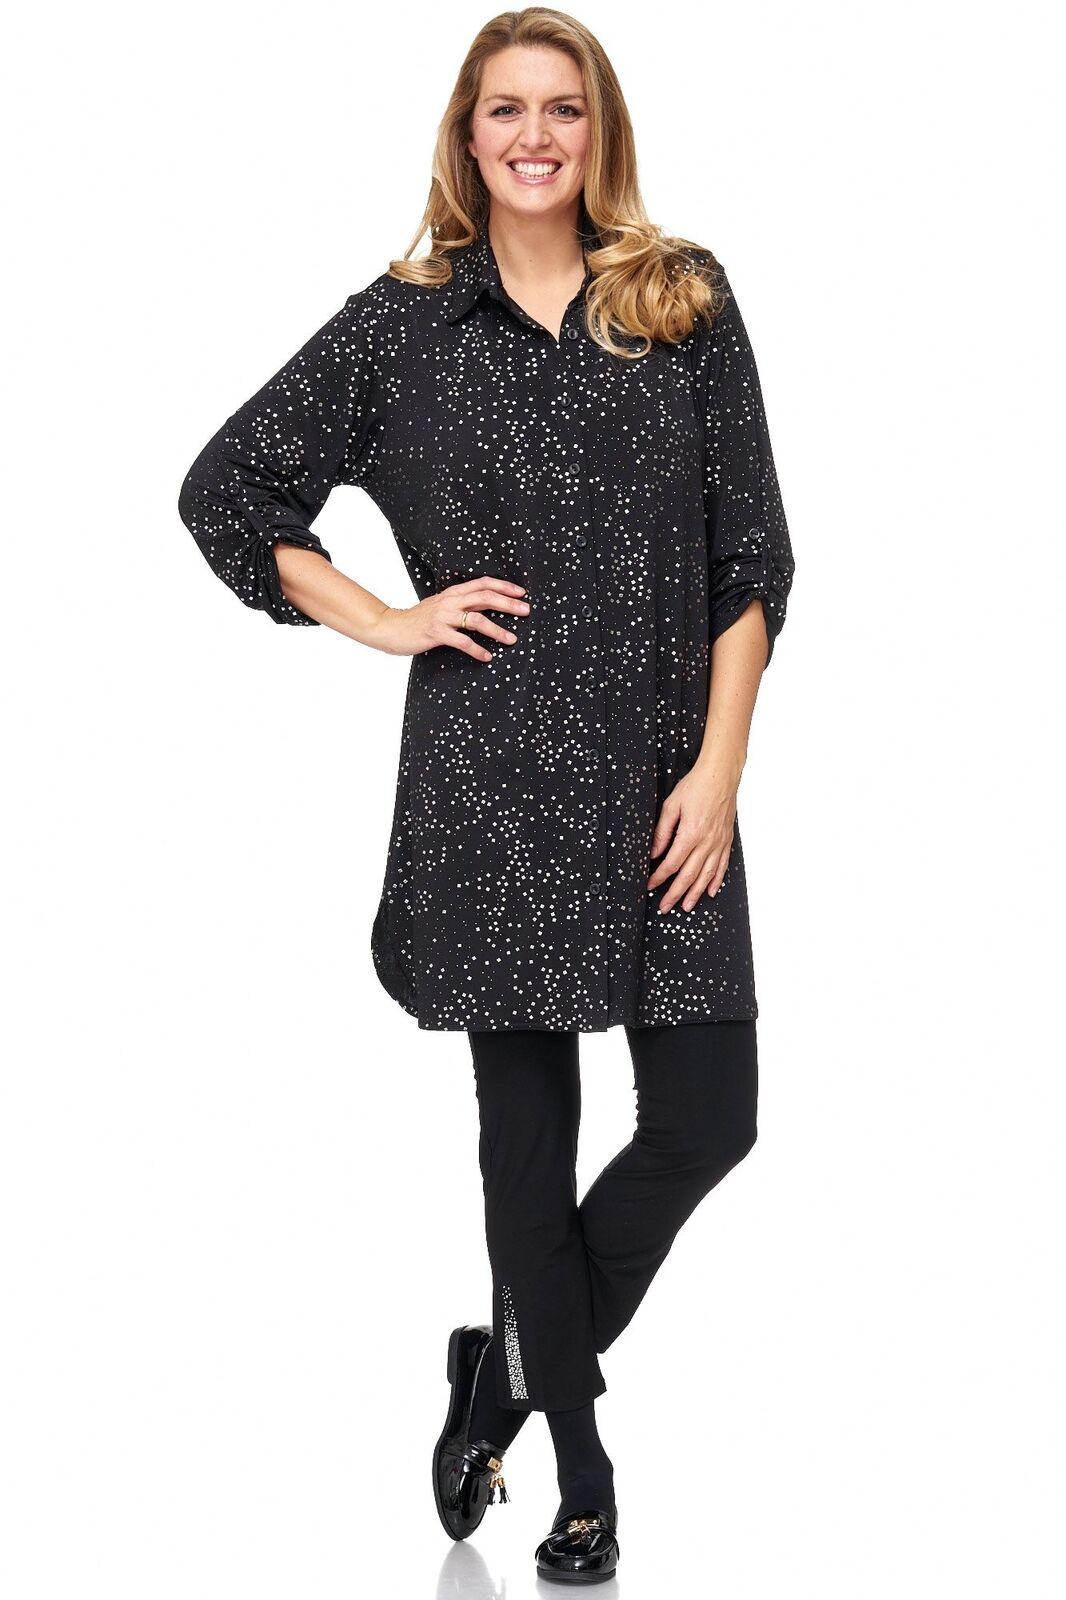 Magna Longbluese Kleid Hemdbluesenkleid - silver Print 42 44 46 48 50 52 54 56 60